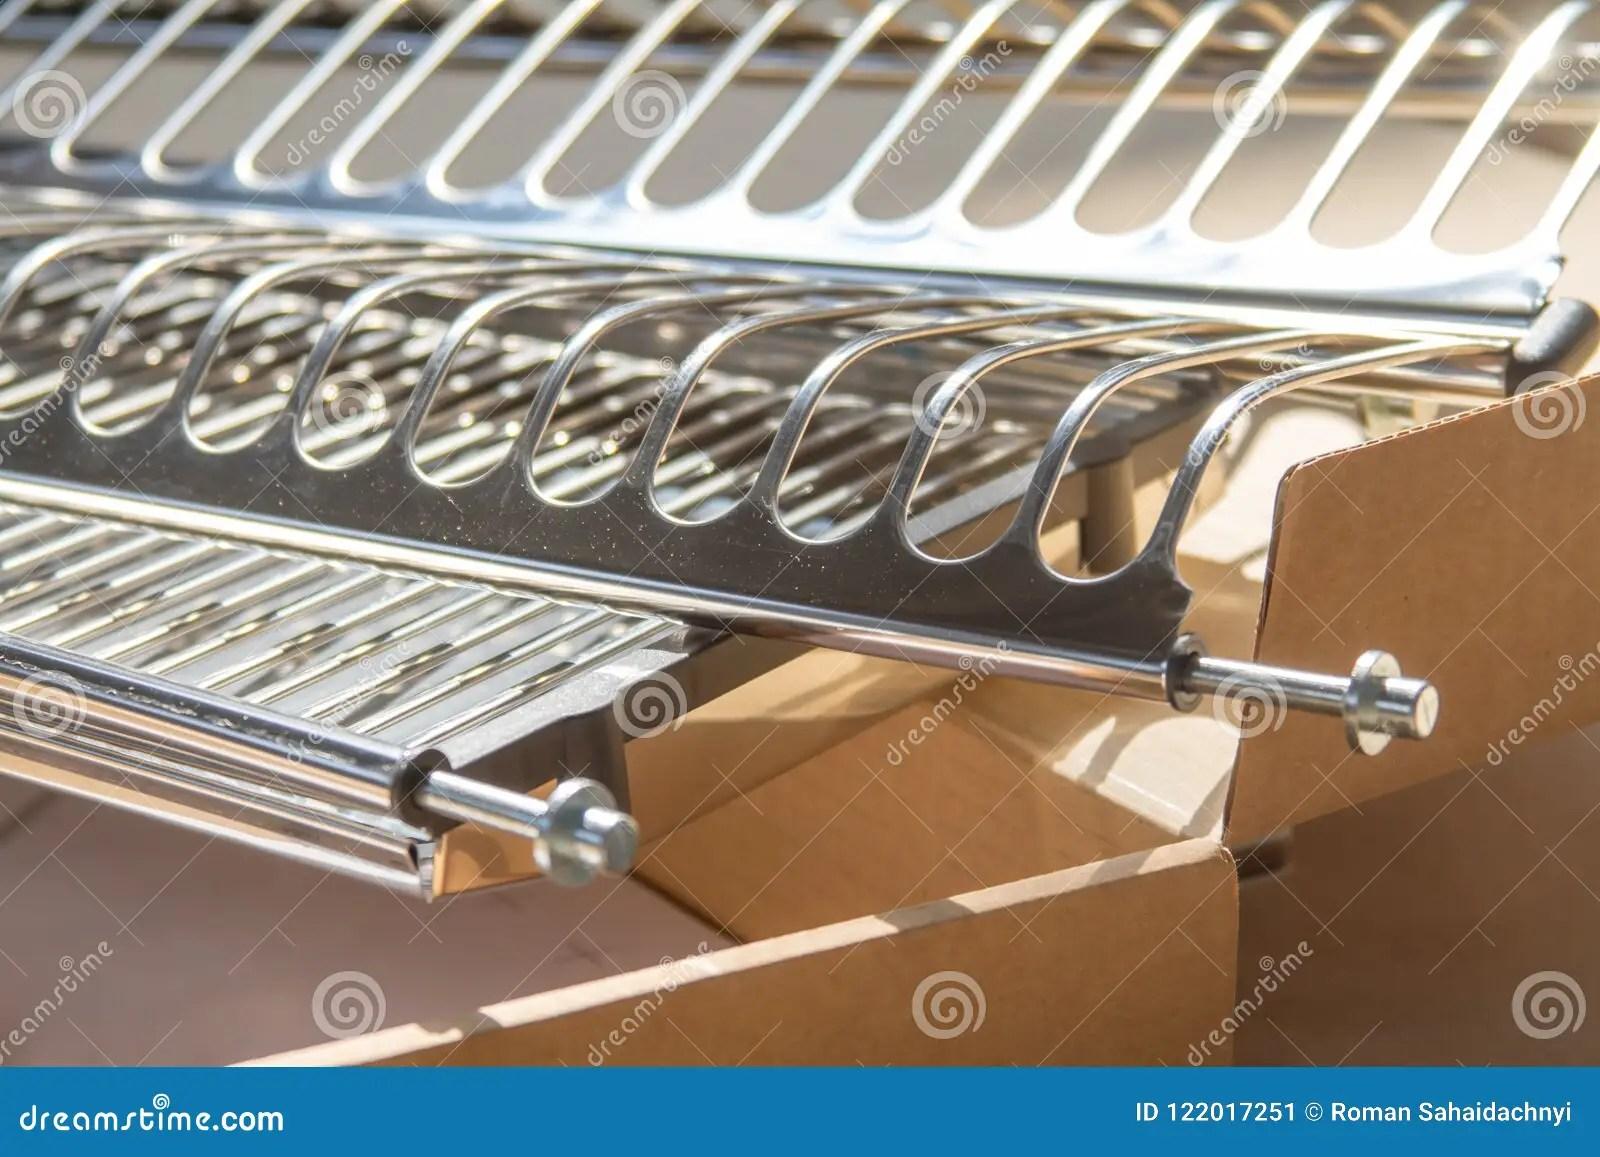 kitchen organizer cabinet showrooms 厨房器物的组织者辅助部件咖啡门家具谷物把柄修造在设备库存图片 图片 厨房器物的组织者辅助部件咖啡门家具谷物把柄修造在设备